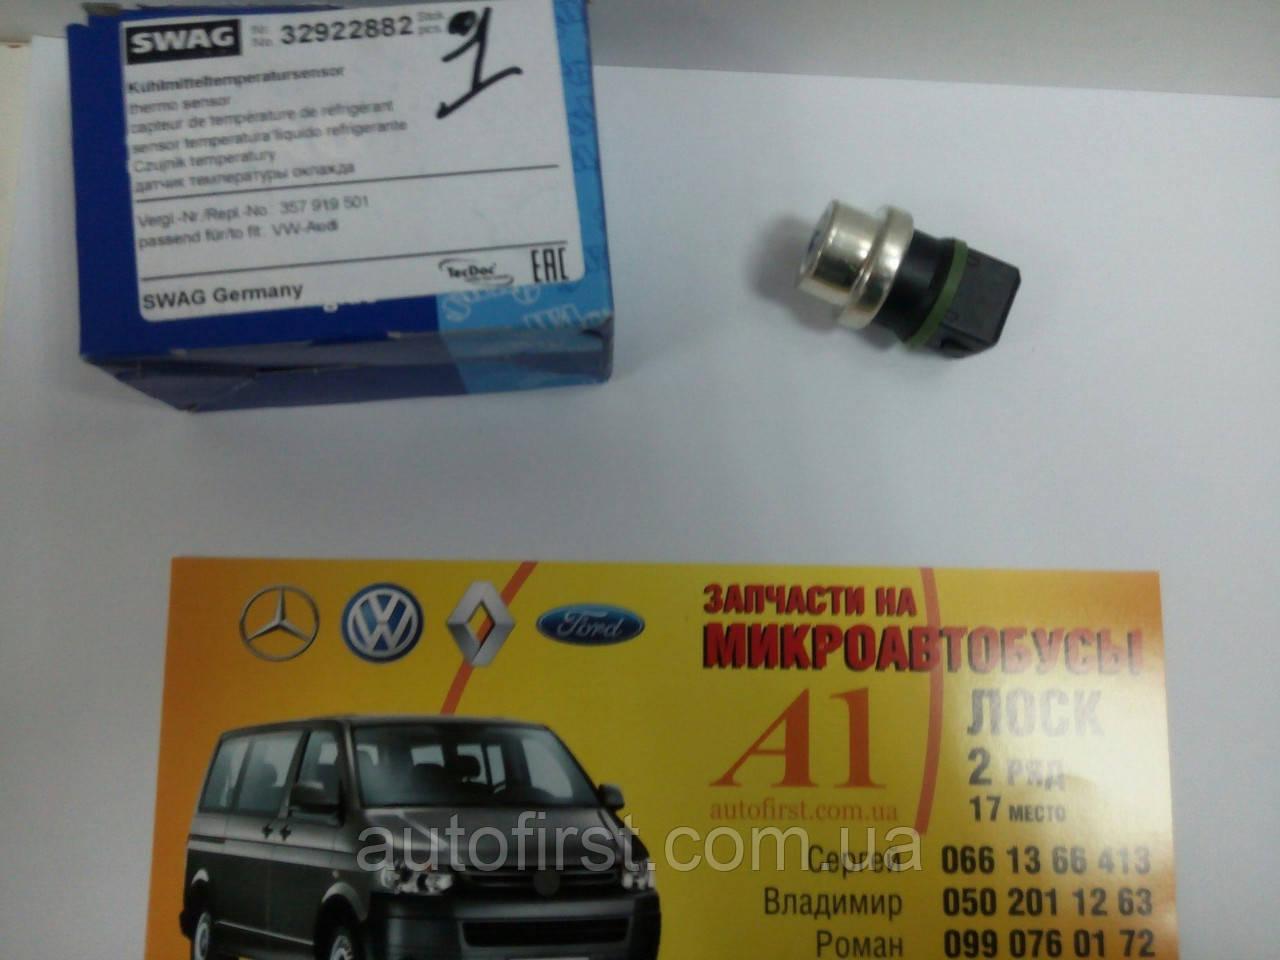 """SWAG 32922882 Датчик температуры охлаждающей жидкости Volkswagen Caddy/Transporter/LT (Германия) - Интернет-магазин """"AUTOFIRST"""" в Харькове"""